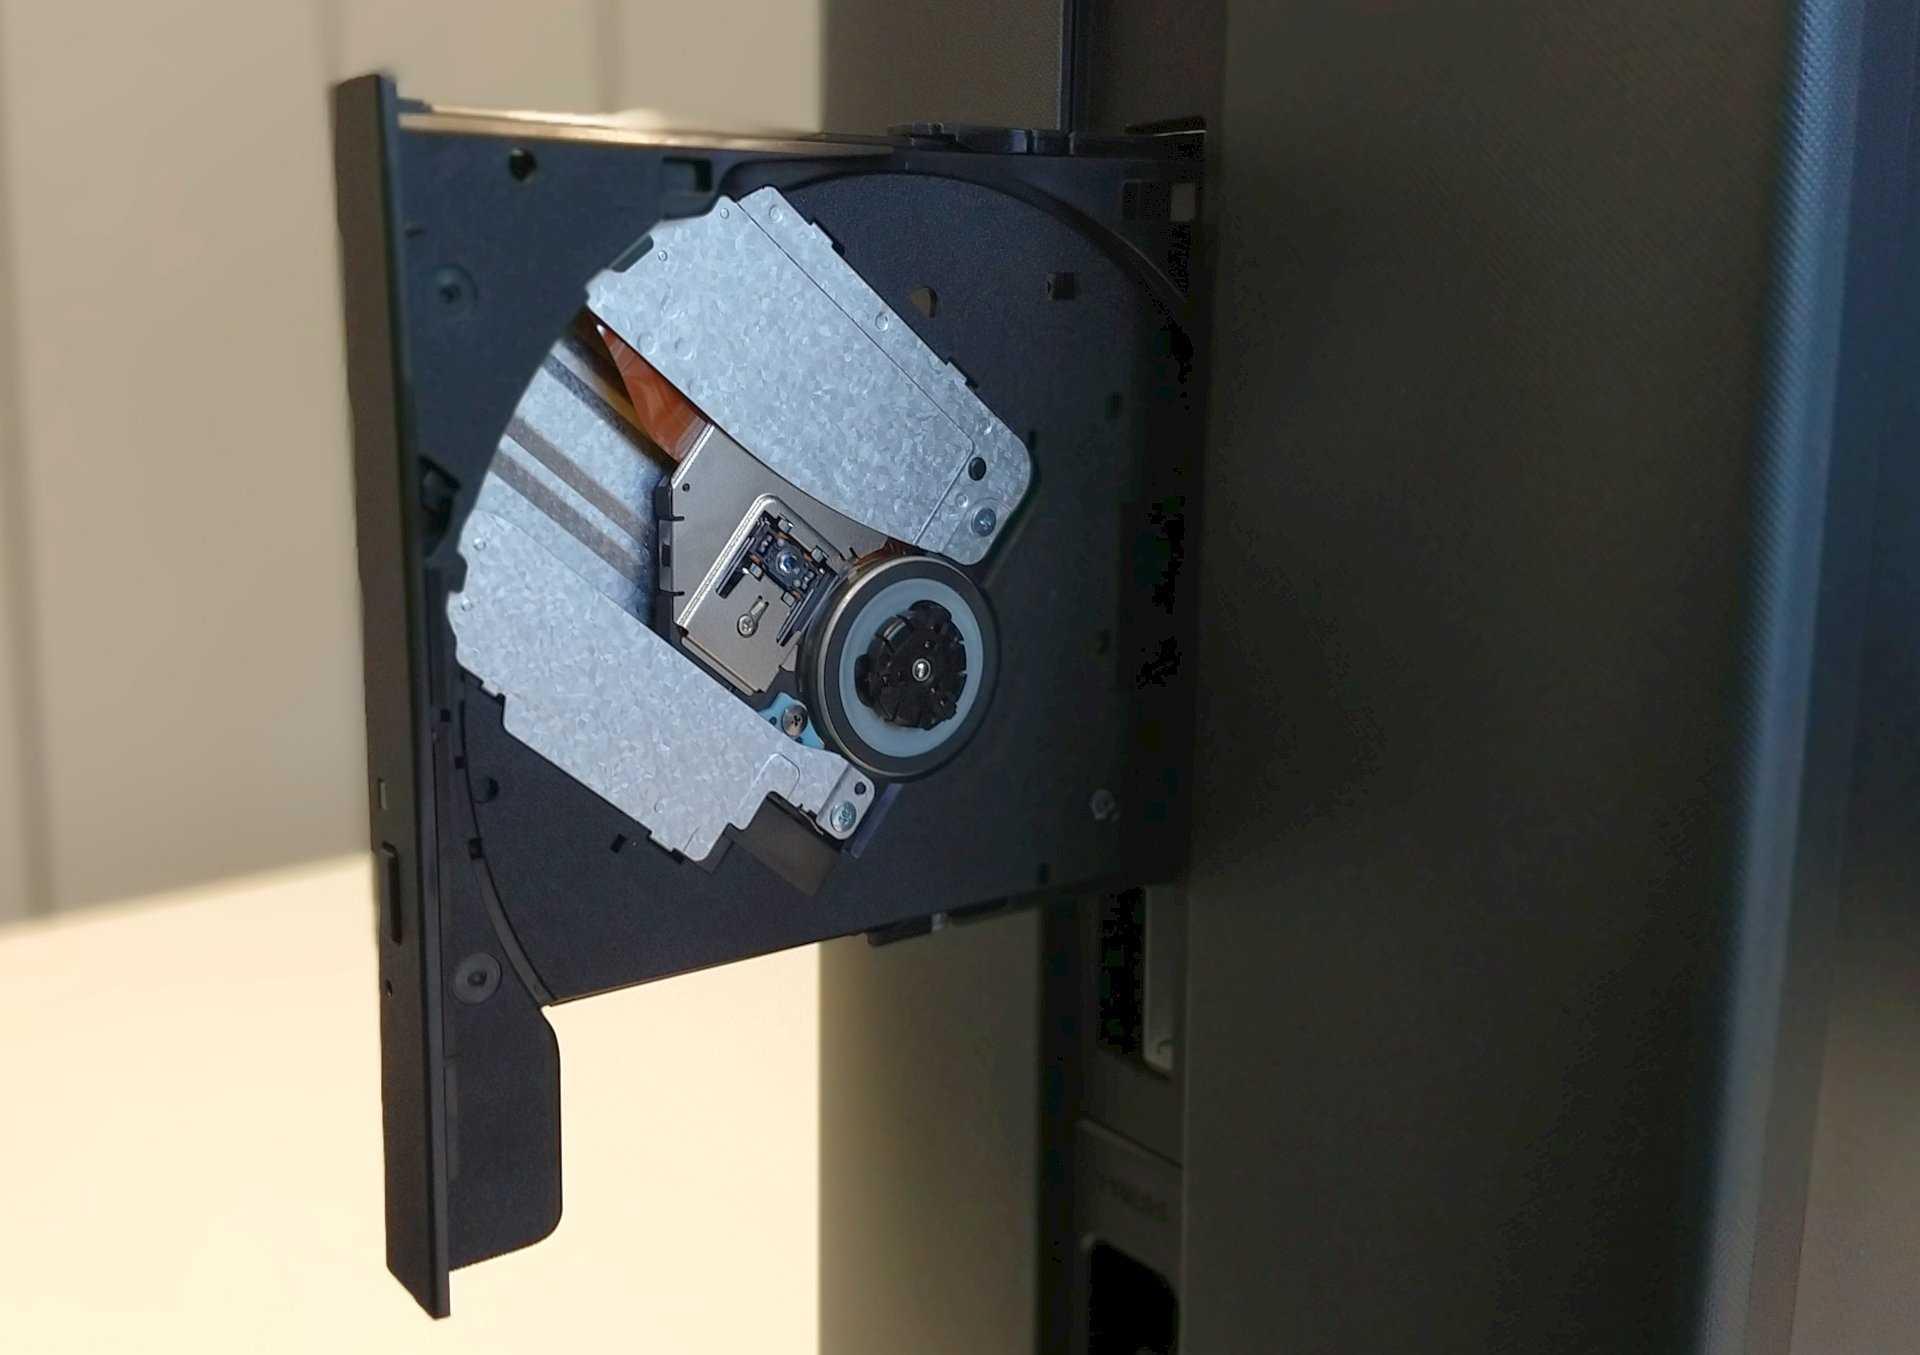 Der DVD-Brenner im Slimline-Format, das man von Notebooks kennt, lässt sich nicht so komfortabel bedienen.